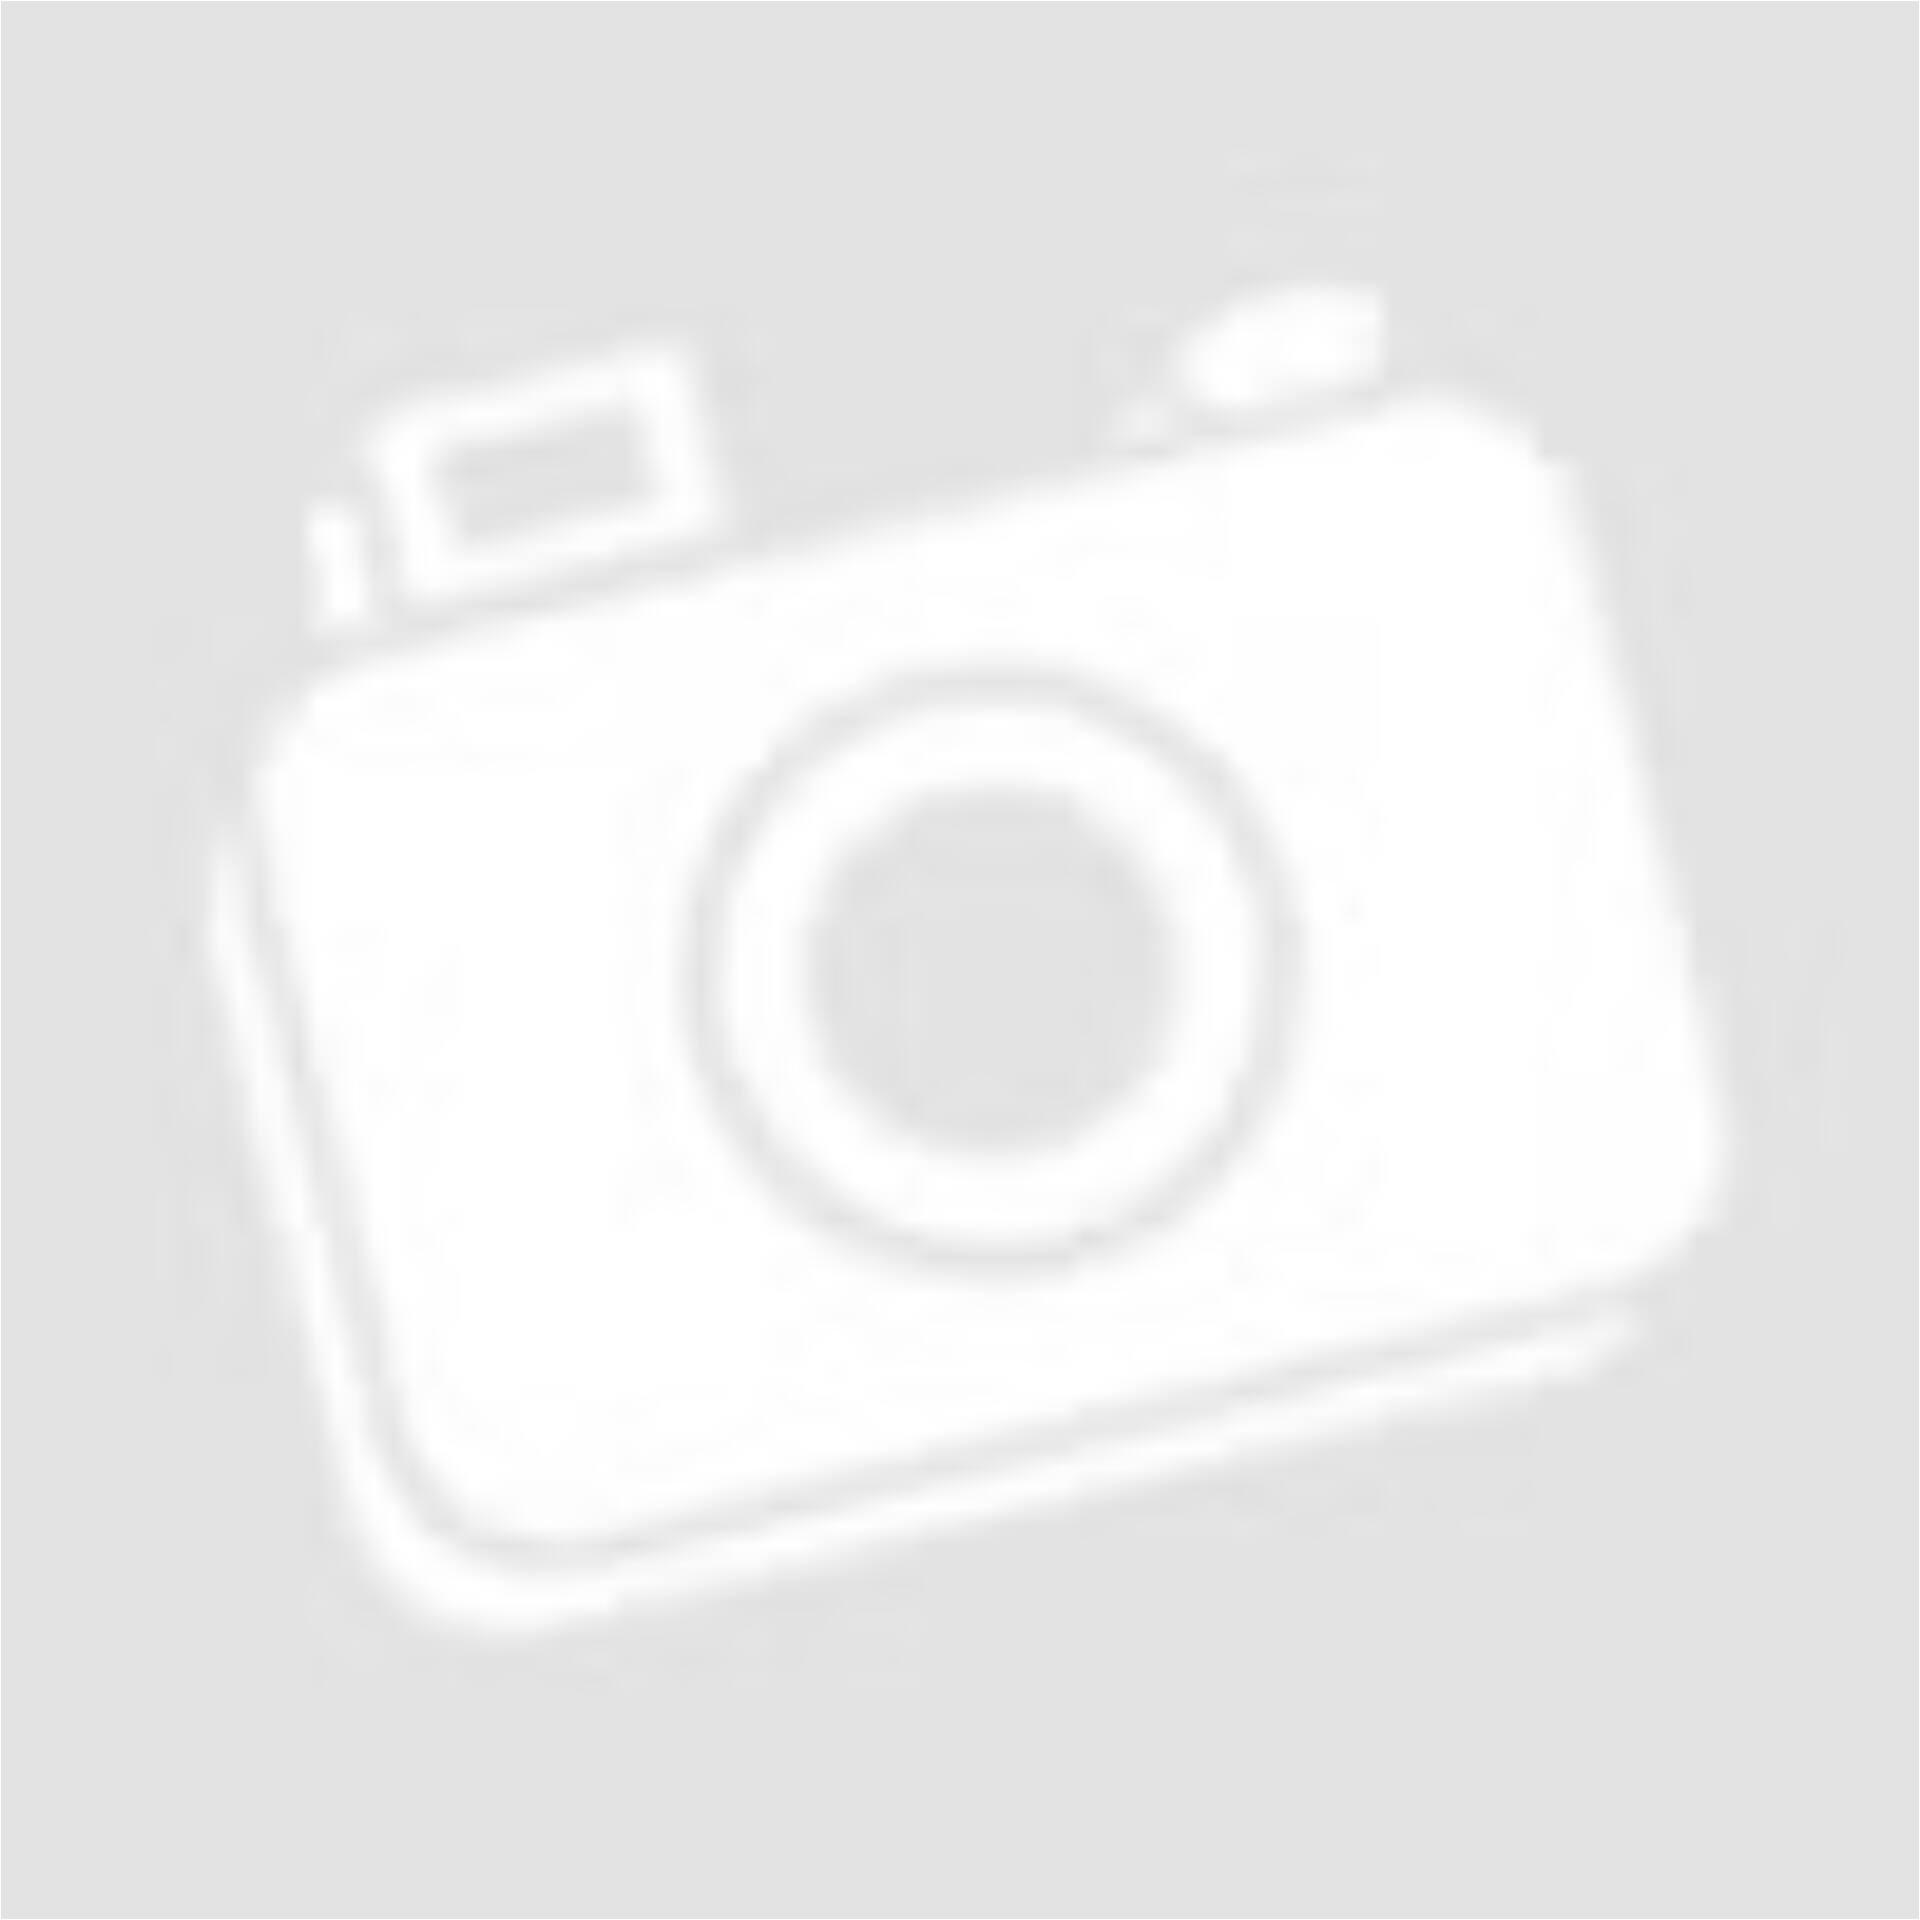 Kép 1 3 - WOMAN BY TCHIBO rikító narancs színű kötött kardigán (Méret  XXL) de2889cd0a